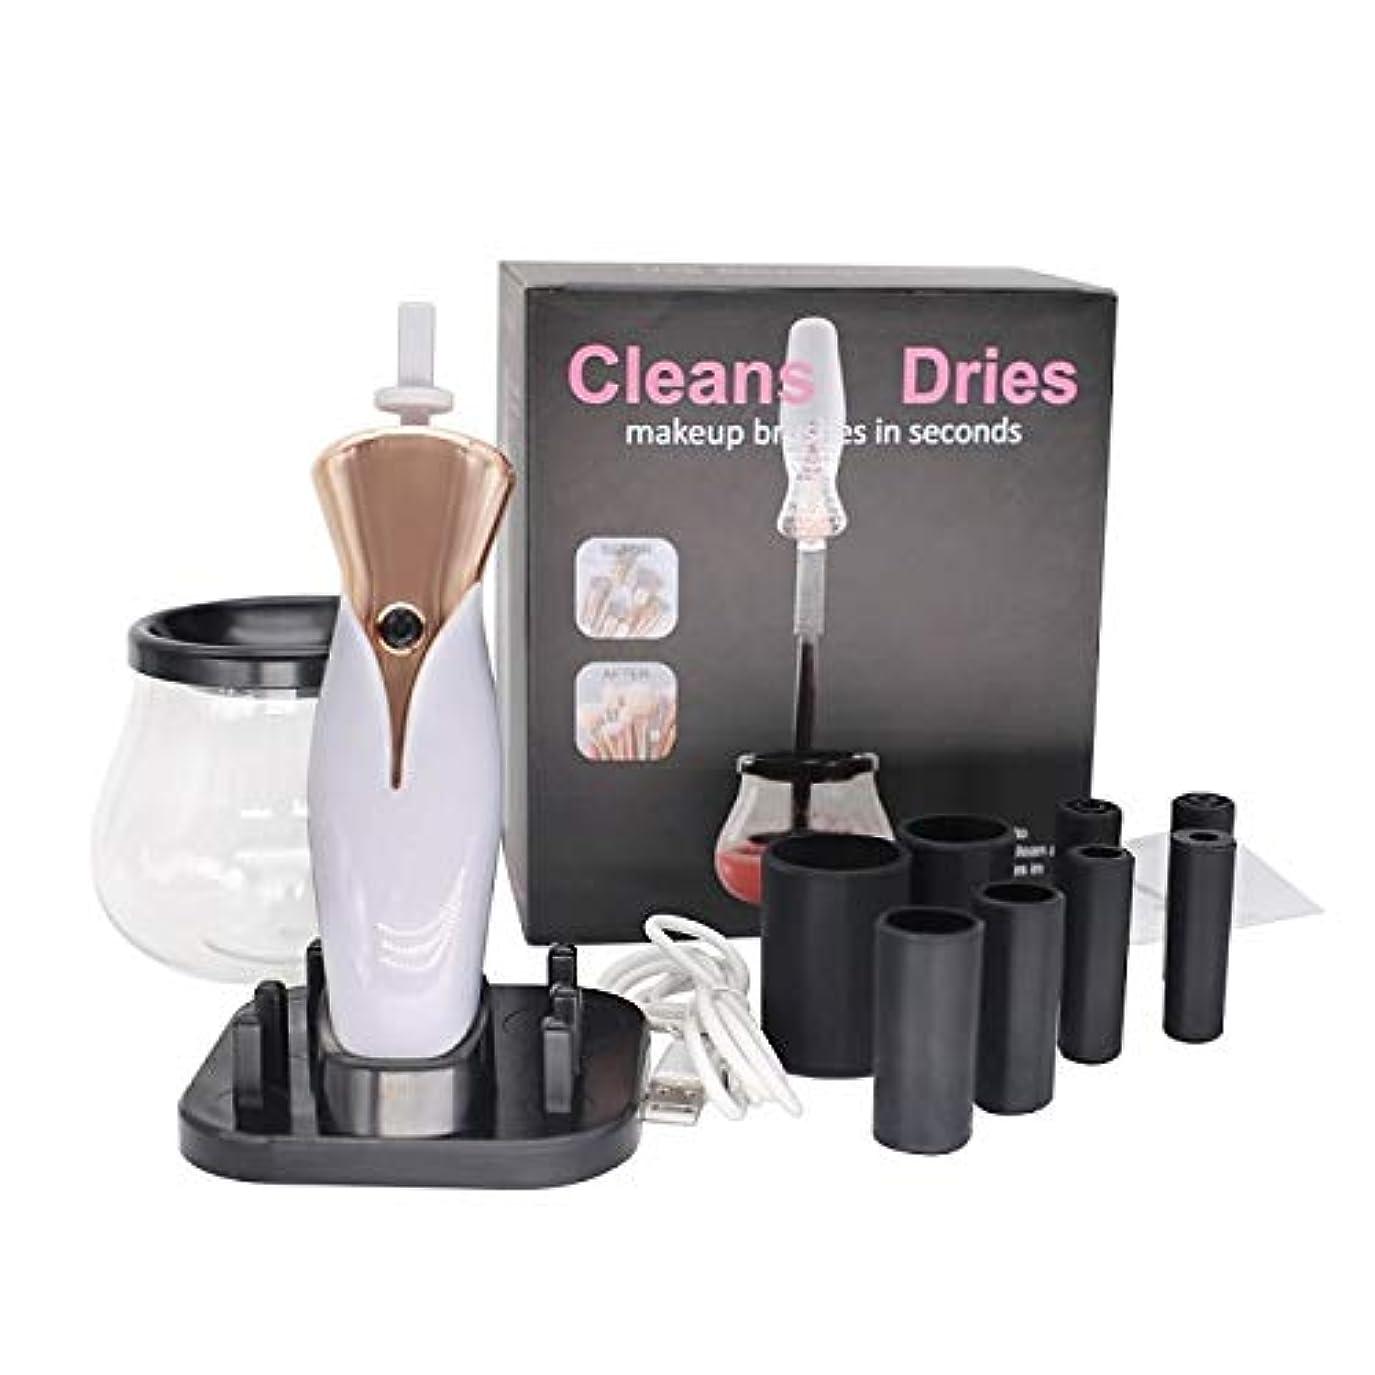 以前はニンニク原告メイクブラシクリーナー 電動メイクブラシクリーナー 乾燥化粧ブラシクリーナー 回転式洗浄器セット 乾燥メイクブラシ洗浄器 化粧ブラシ 化粧筆脱水 自動洗浄 女性へのベストなプレゼント